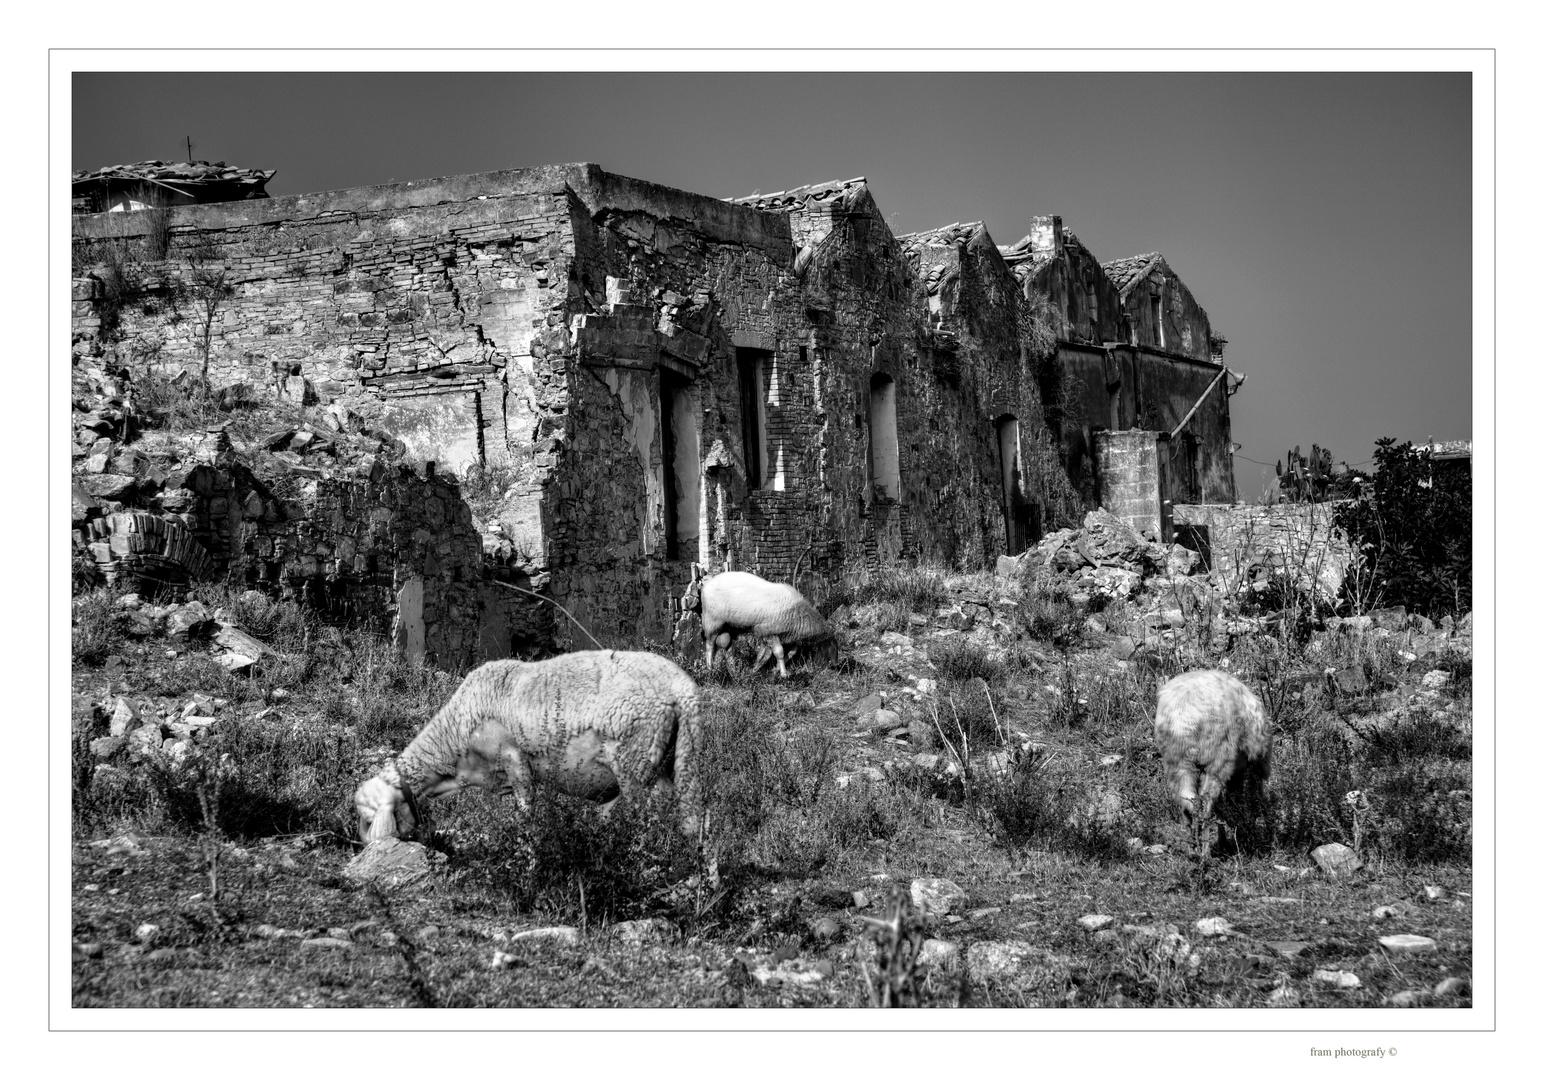 di armenti ...  di rovi ... e di pietre